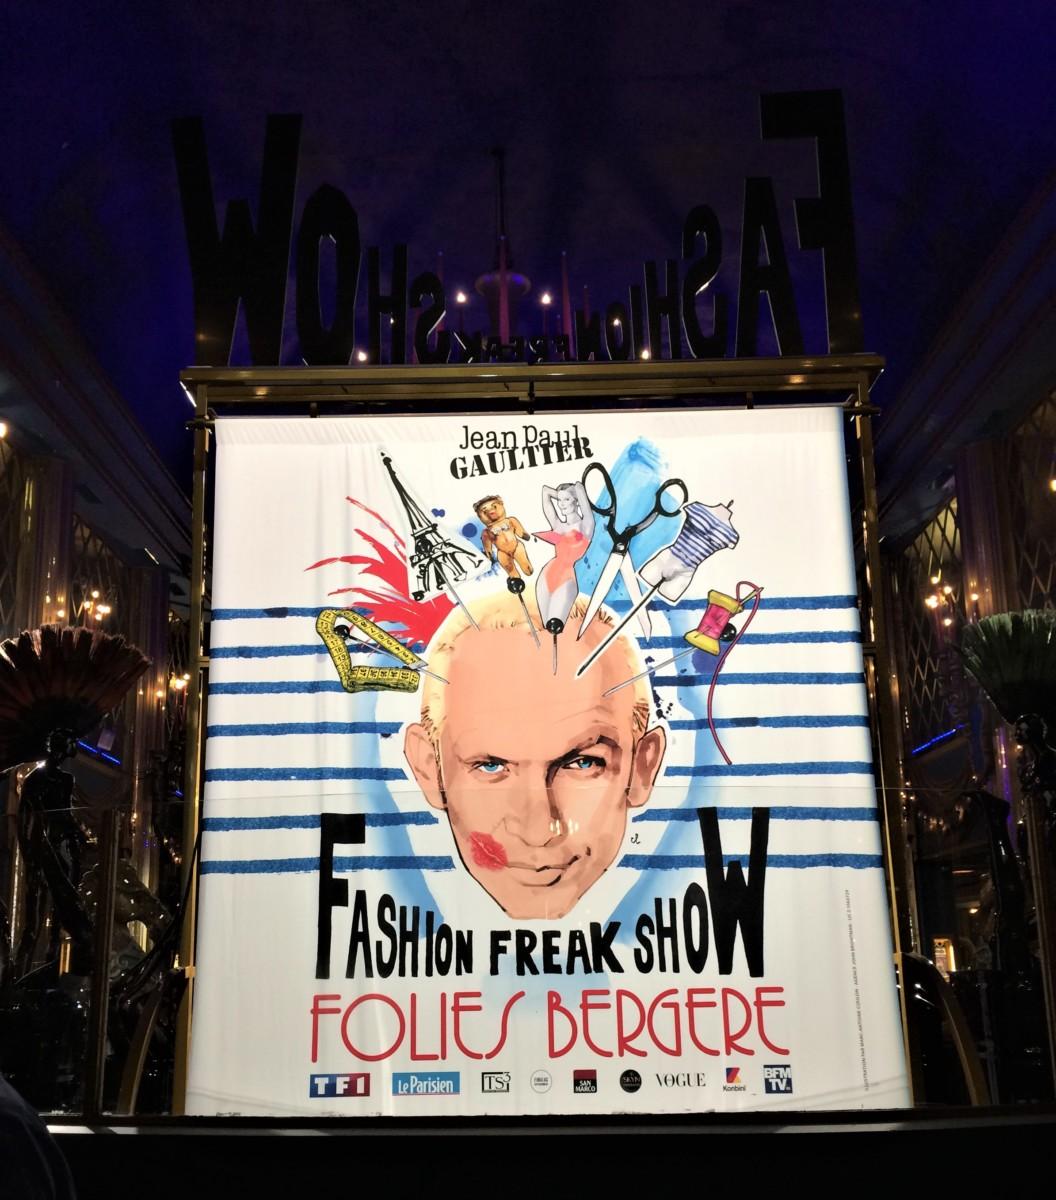 Fashion Freak Show aux Folies Bergère vu par The Concept Book